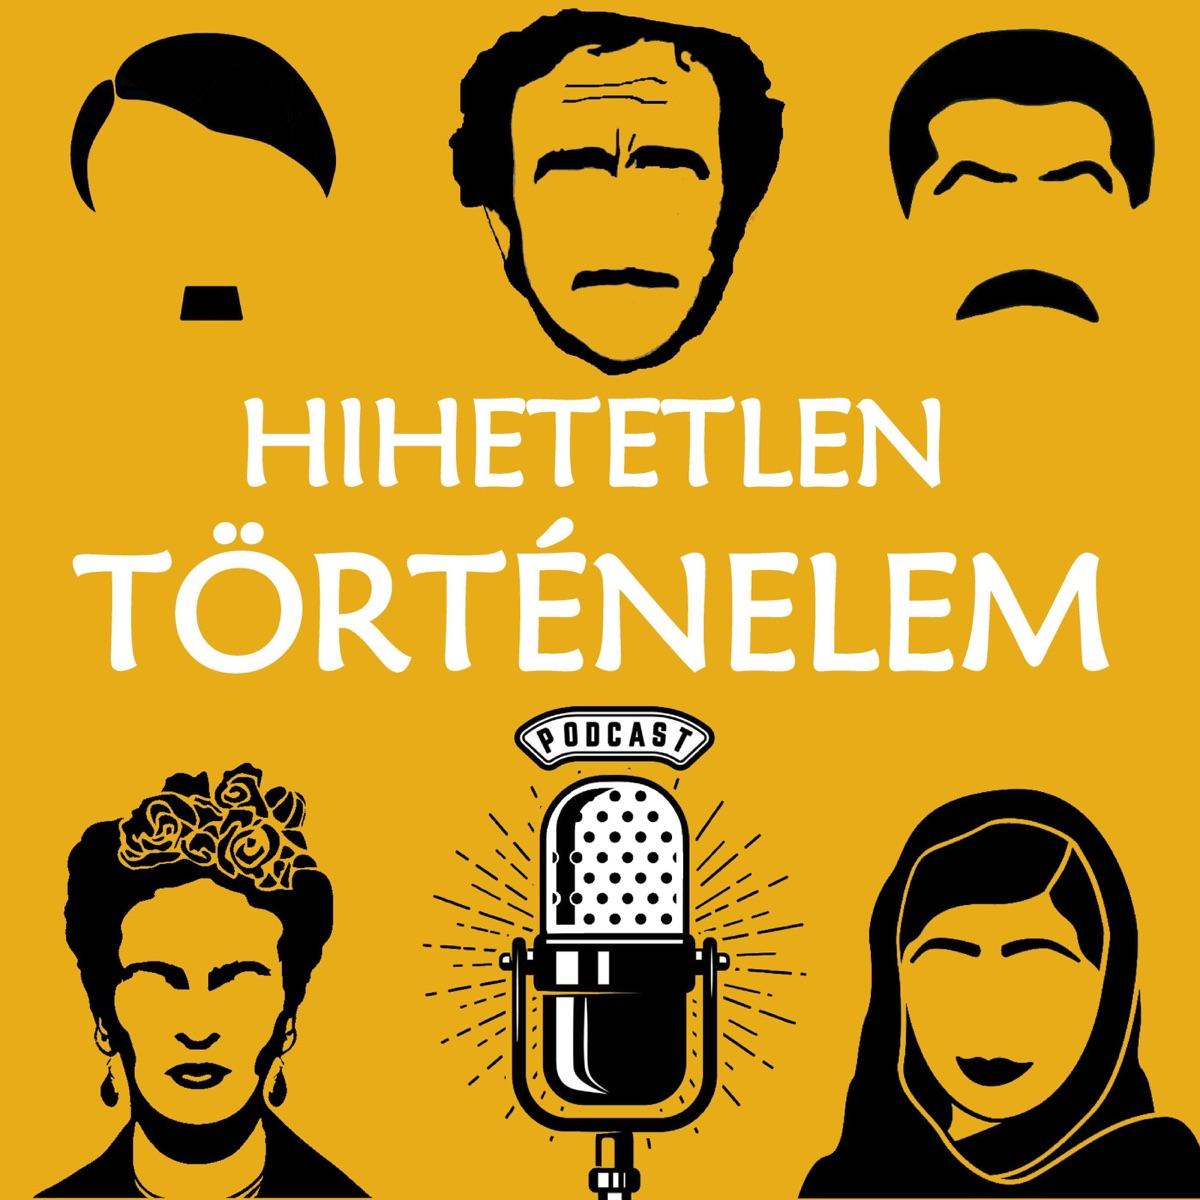 Hihetetlen Történelem Podcast